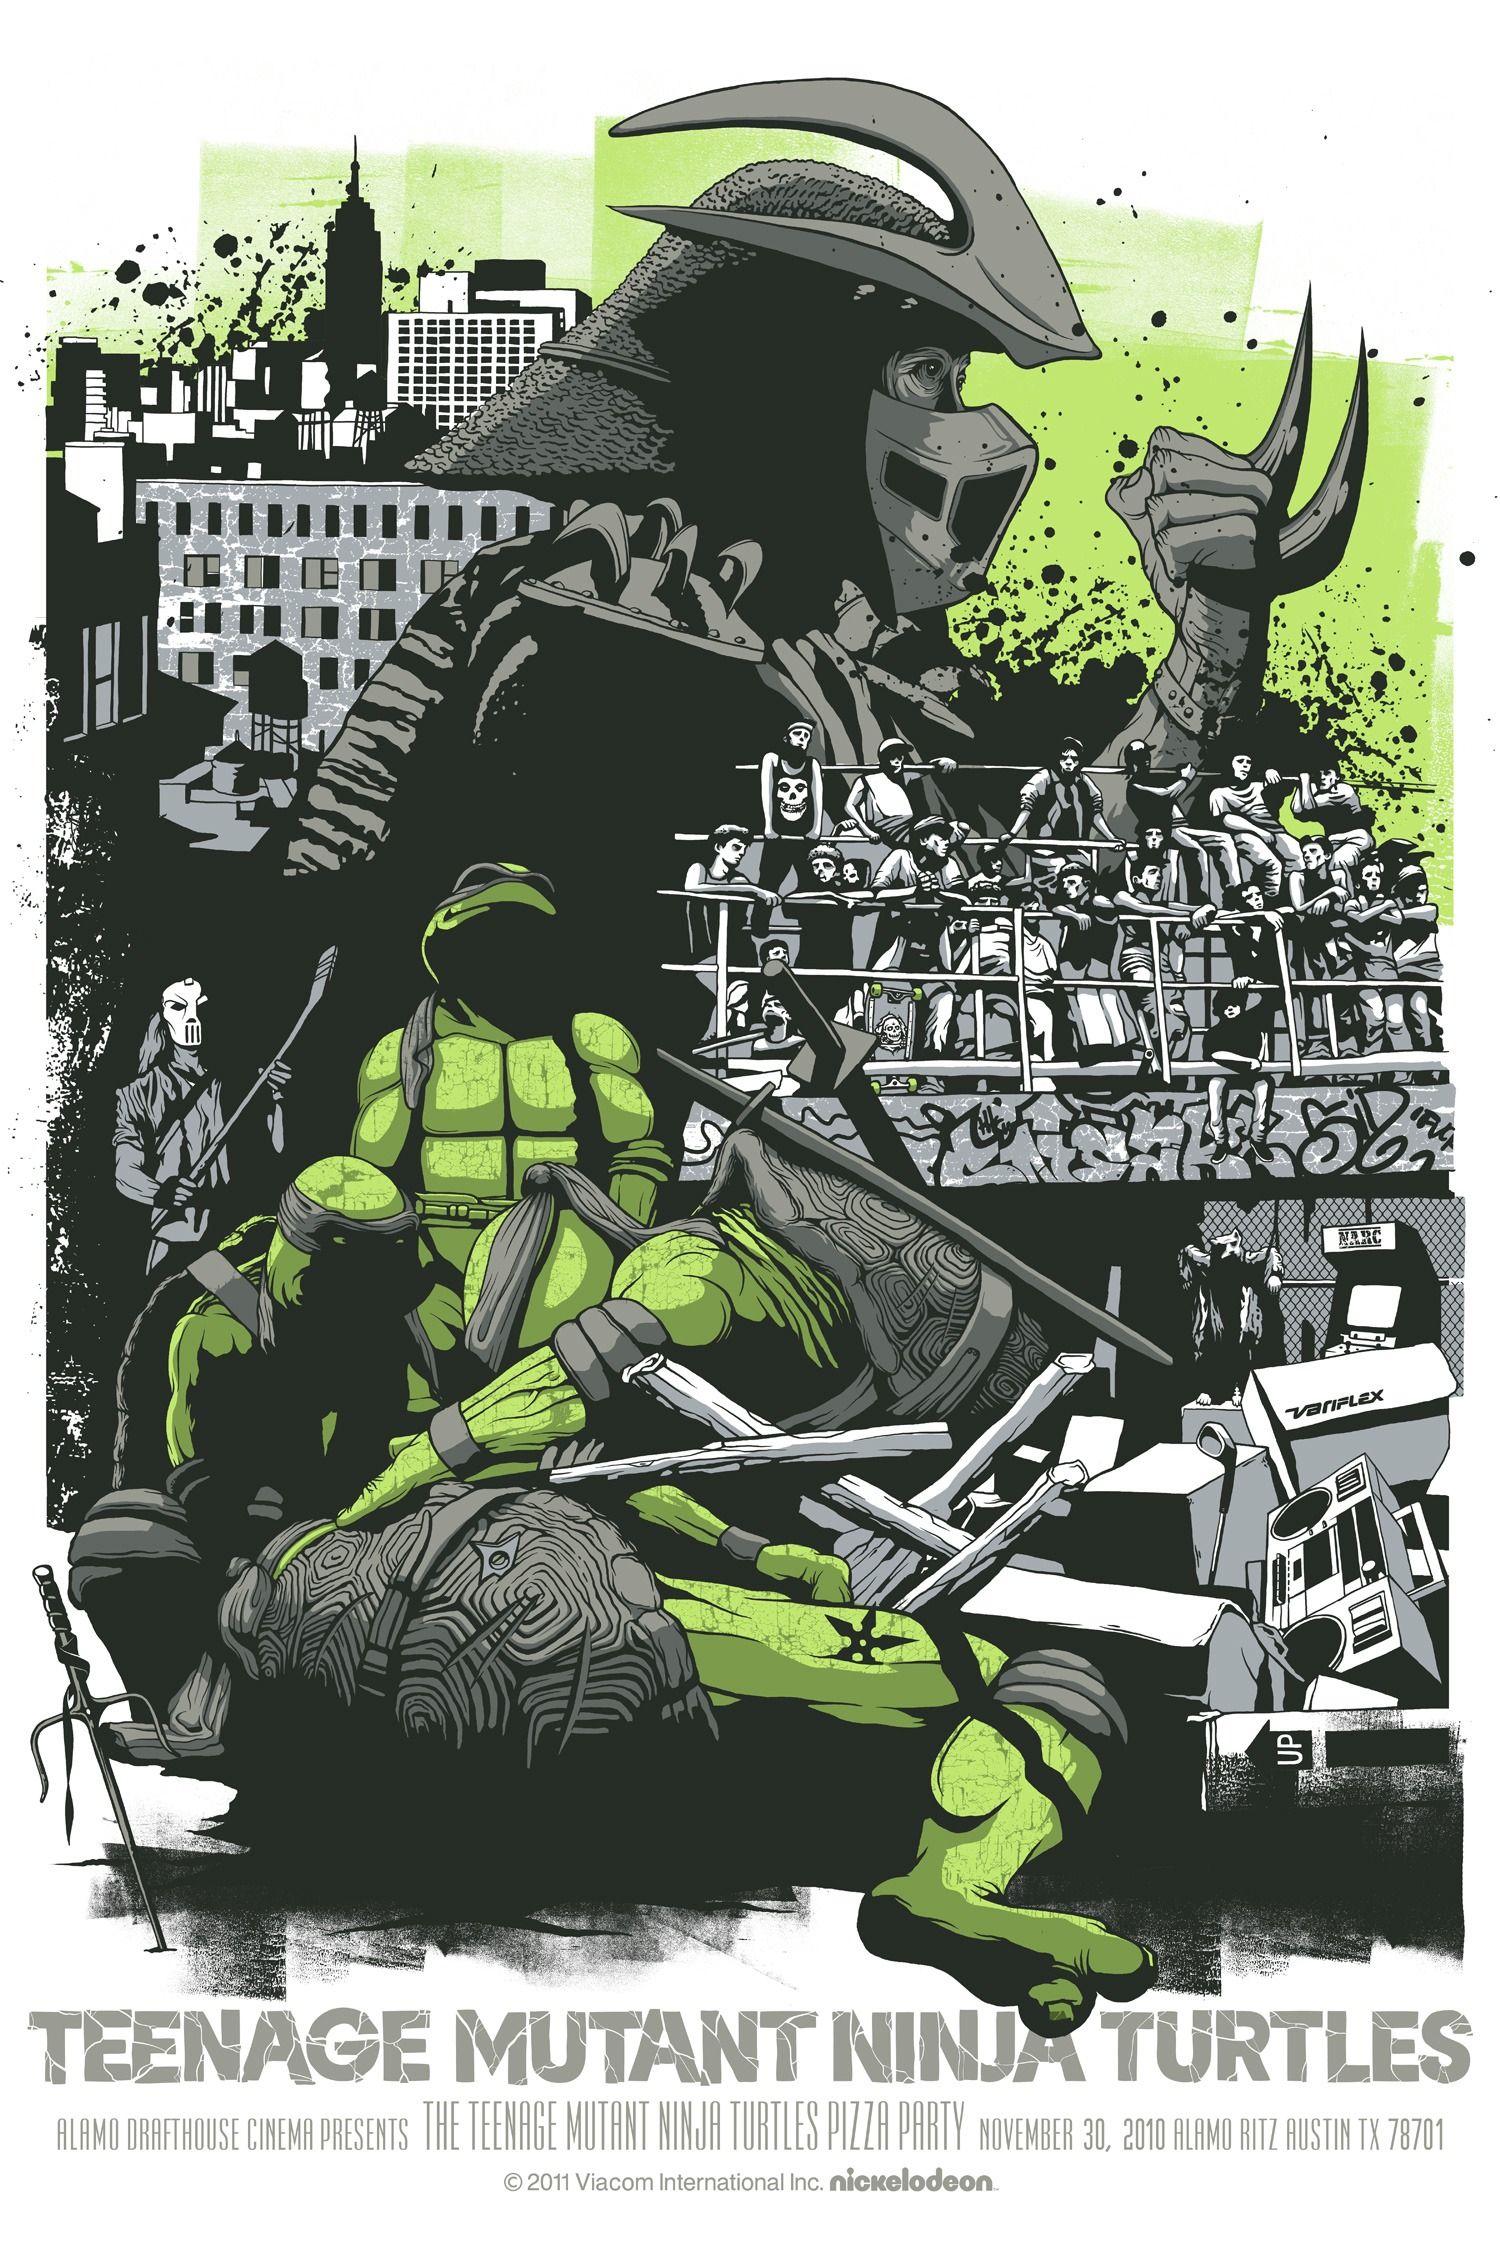 Tmnt Mondo Poster Teenage Mutant Ninja Turtles Art Teenage Mutant Ninja Turtles Movie Ninja Turtles Art